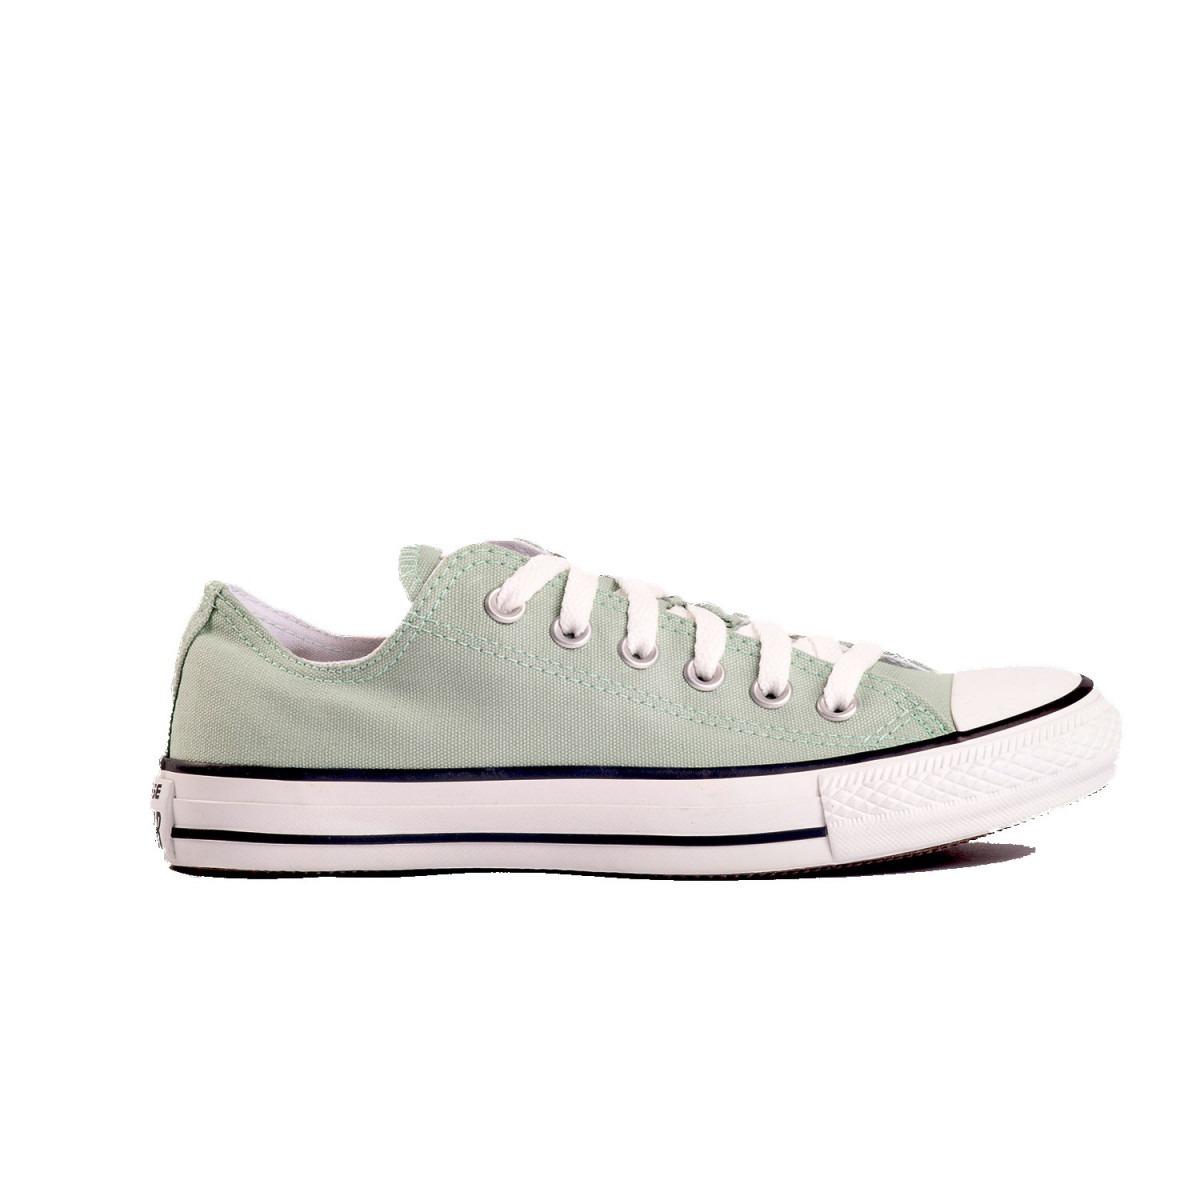 e11277d844d zapatillas converse all star lona verde agua ox !!! Cargando zoom.